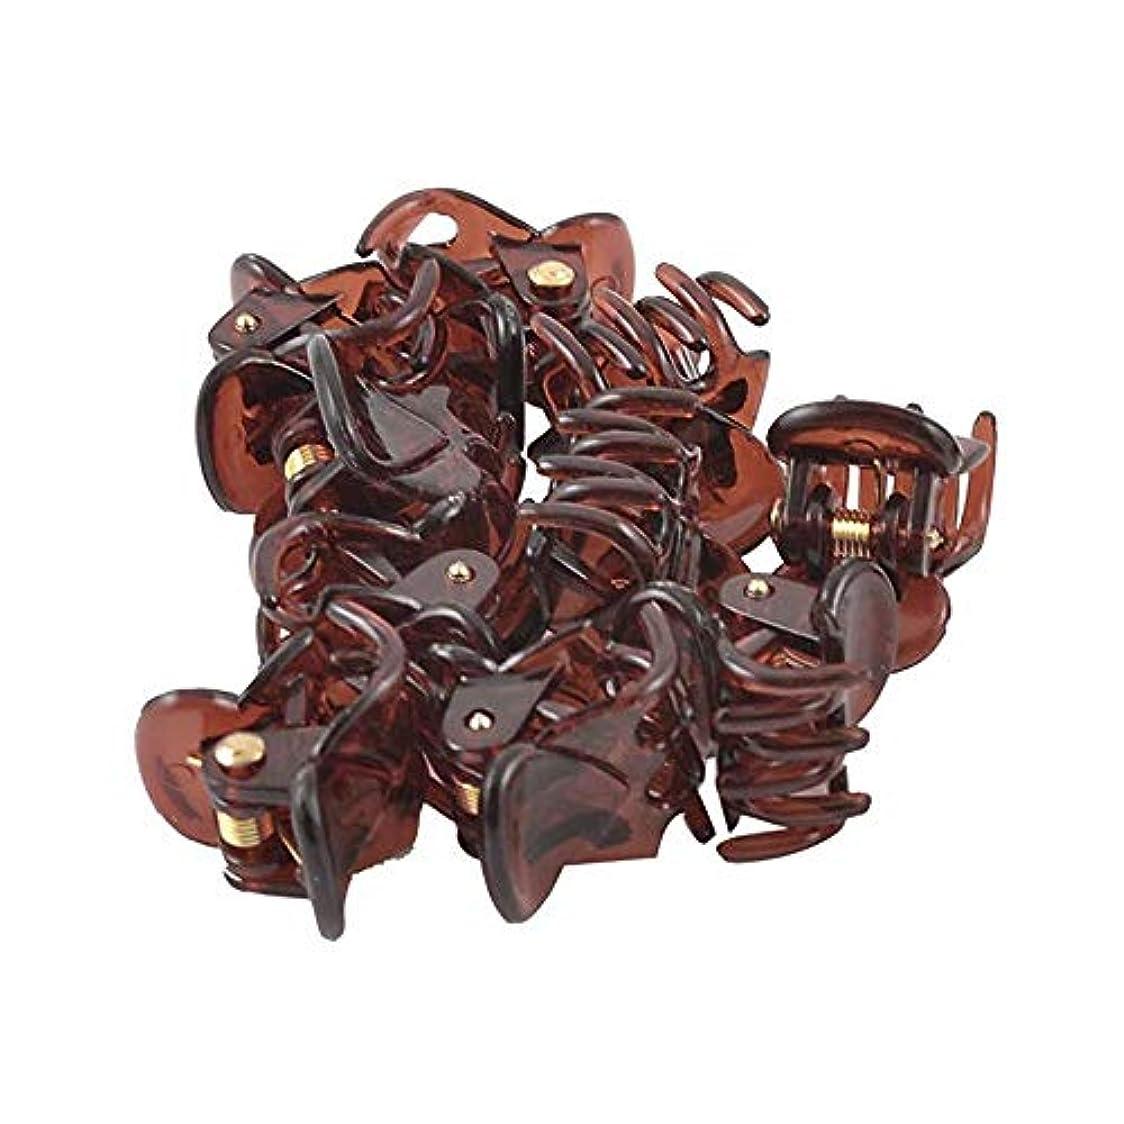 倒錯ネーピア逃げる12ピースのヘアクリップ ミニクリップ 軽量でスタイリッシュな 楽しい外観 かわいい装飾